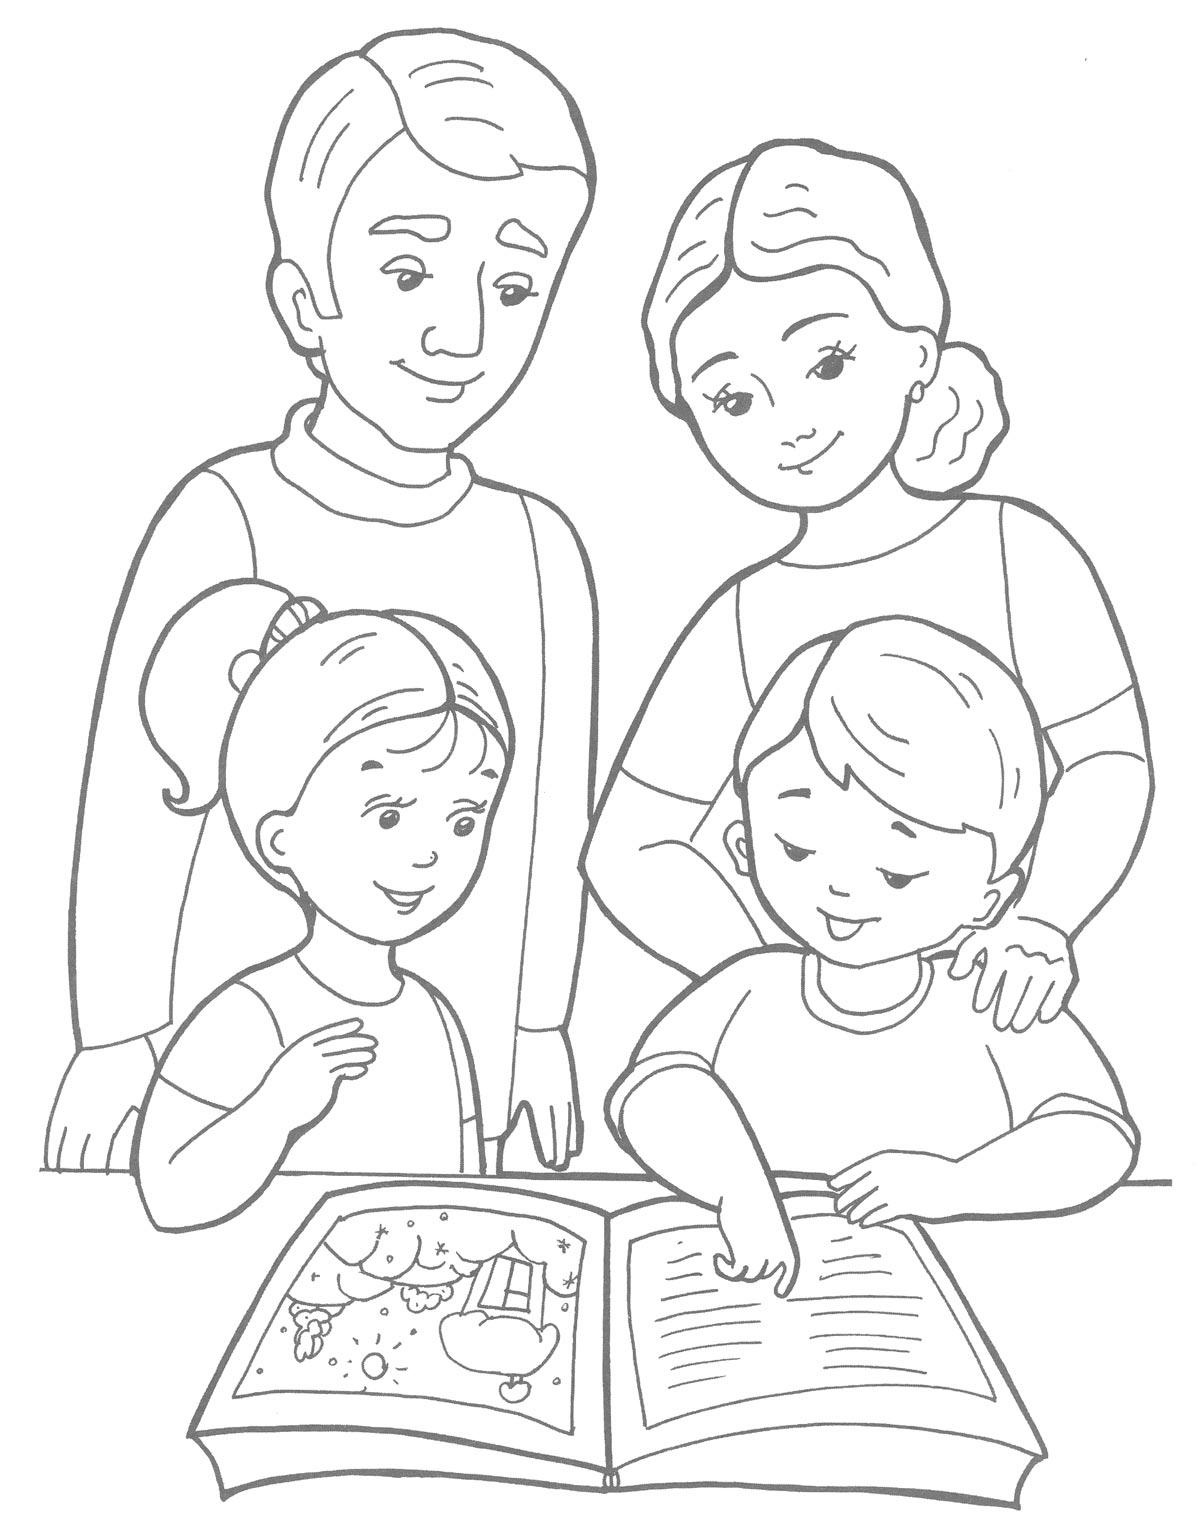 Рисунок моей семьи из 4 человек 2